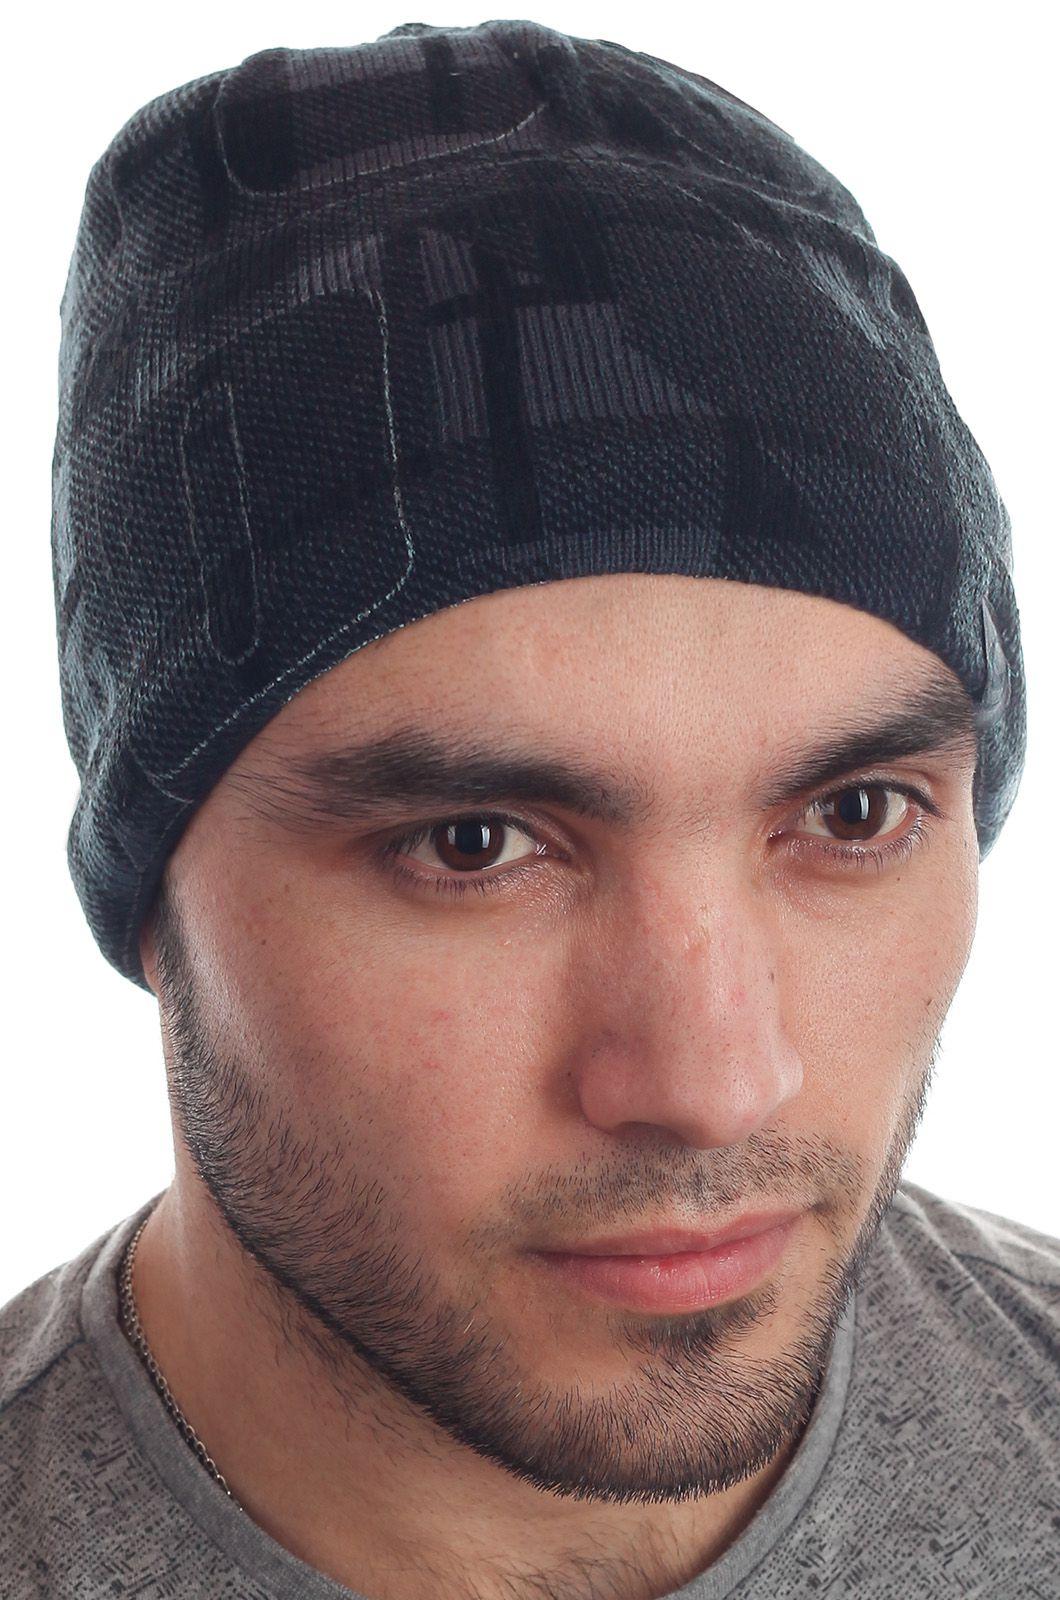 Трендовая мужская шапка с геометрическим узором всем кто в спорте на флисе